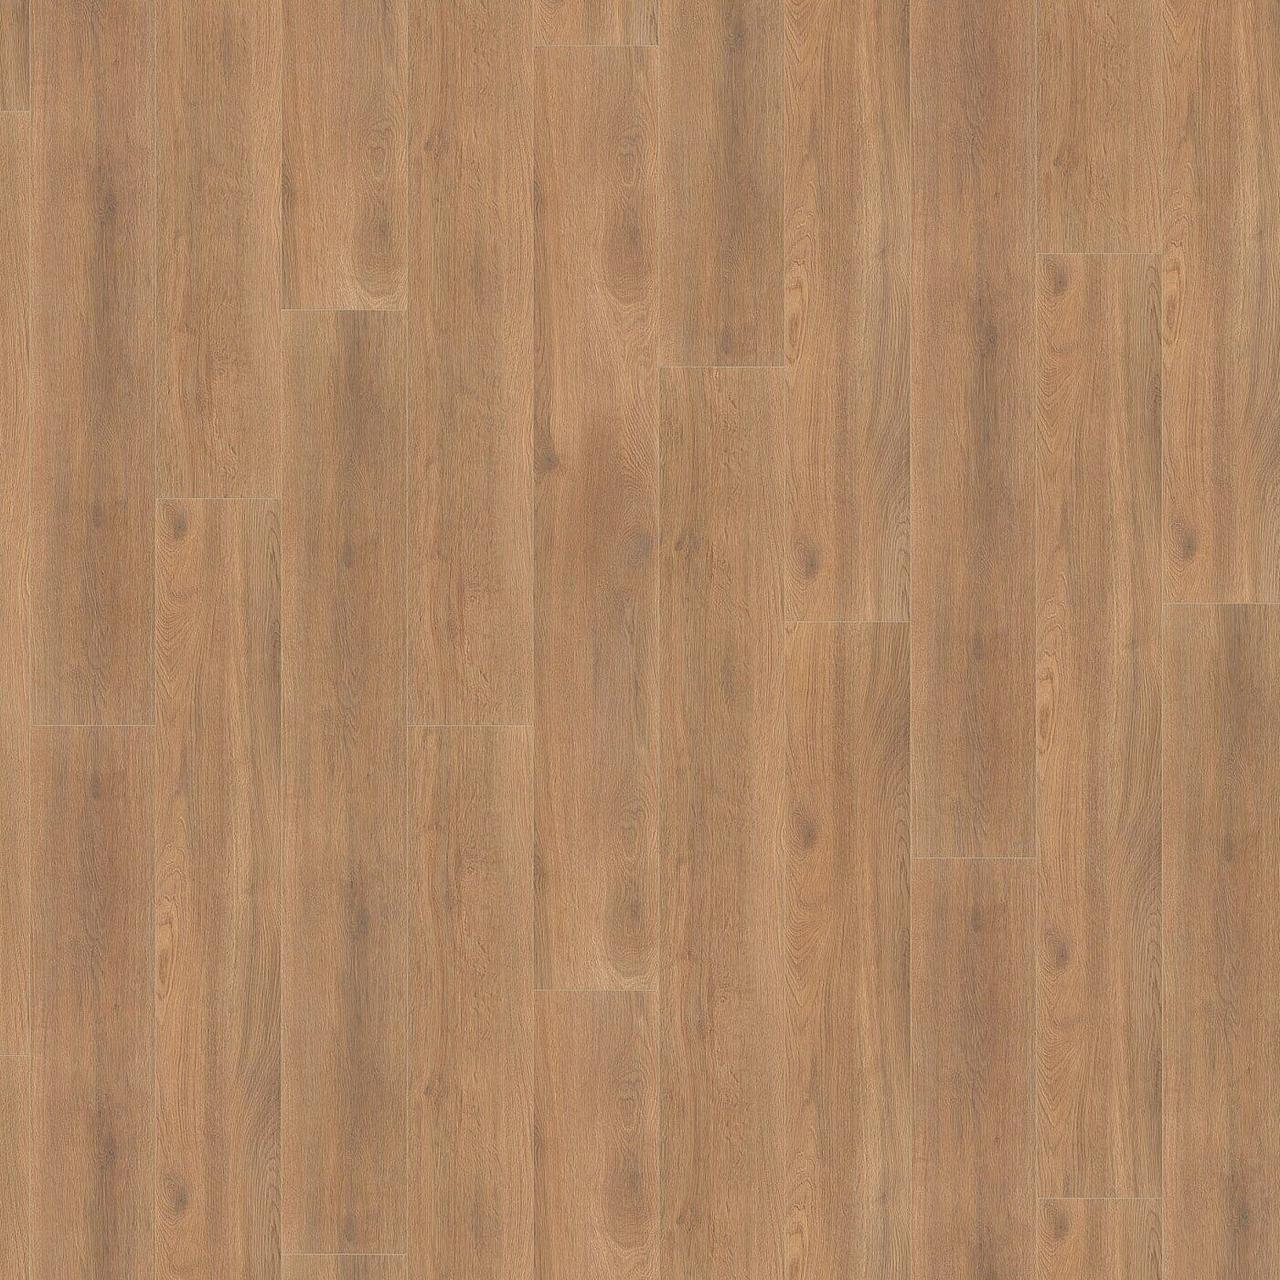 Ламинат WINEO Дуб элеганц коричневый